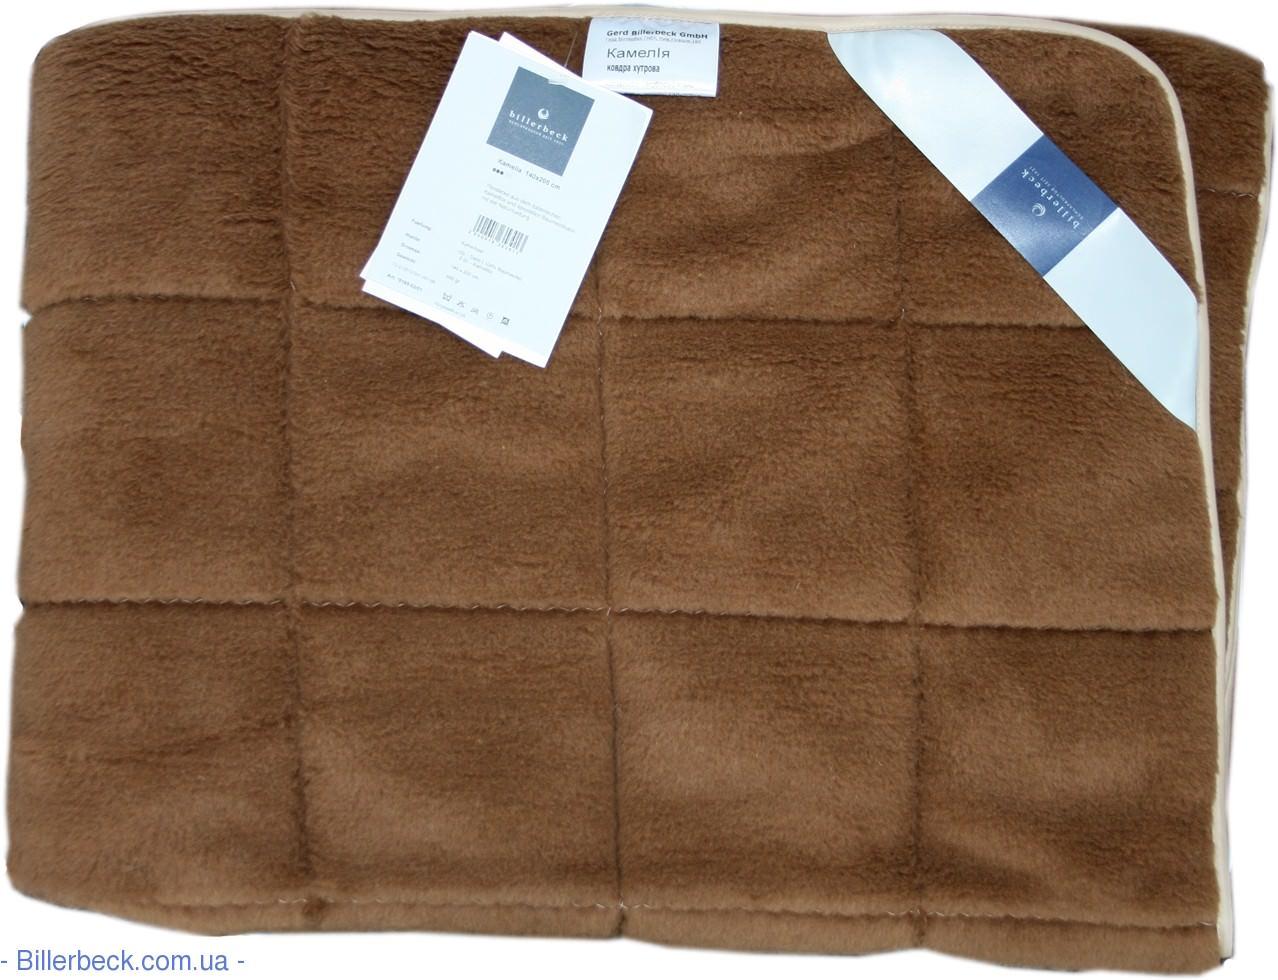 Одеяло Камелия мех Billerbeck - 2